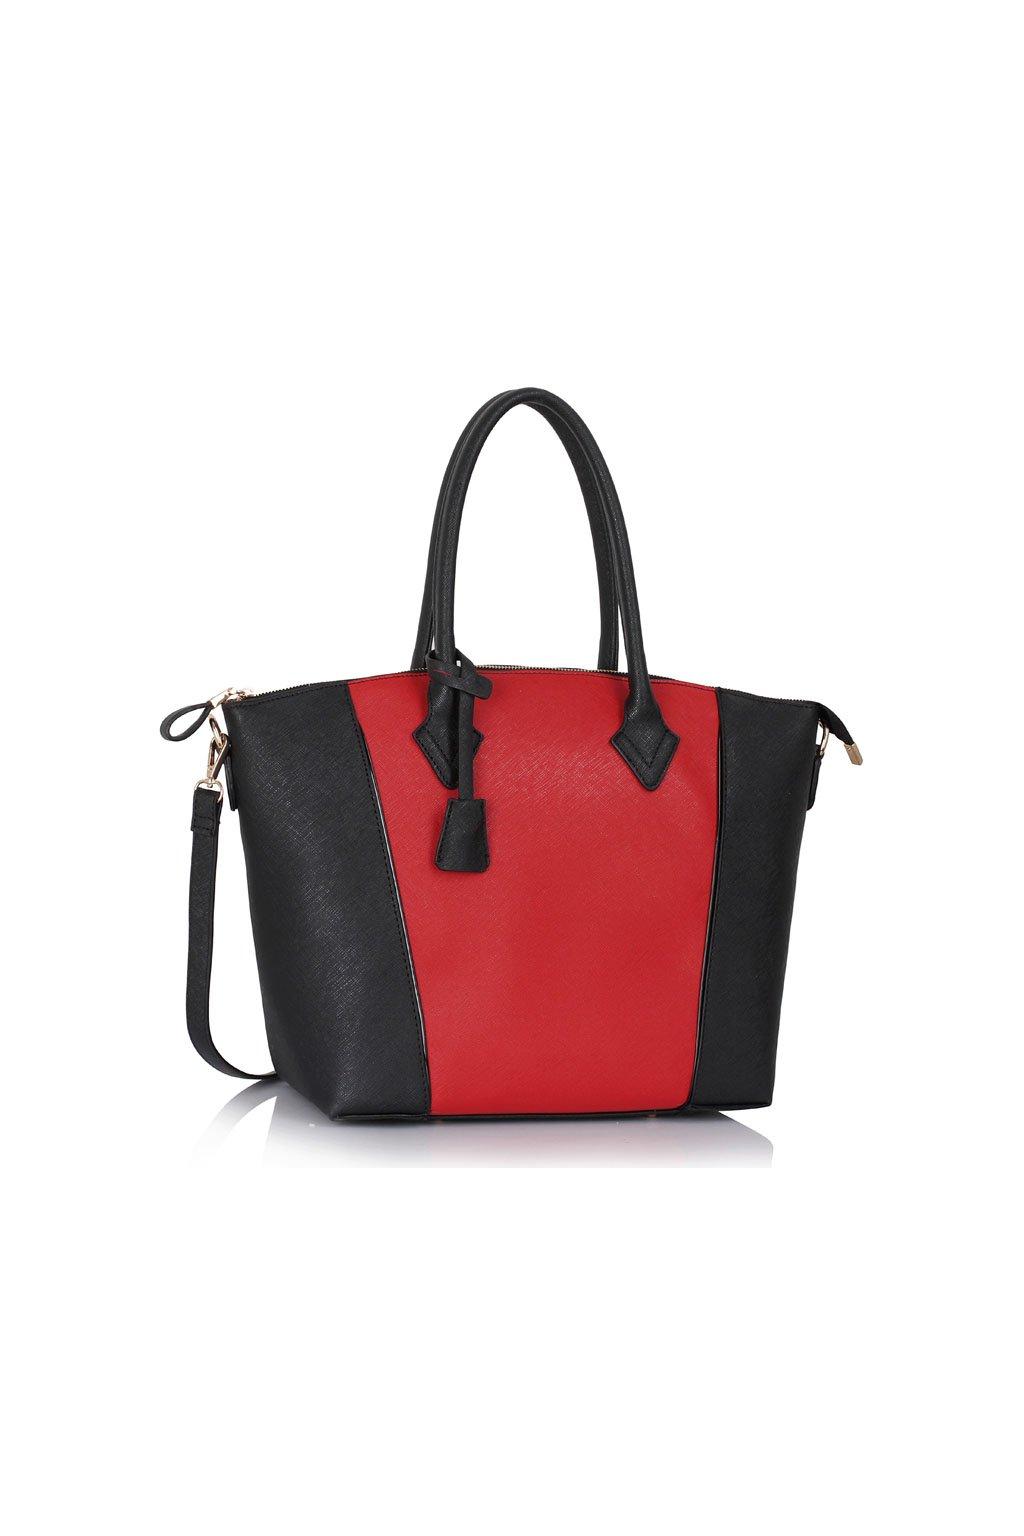 Shopper kabelka do ruky Clem čierna / červená LS00332